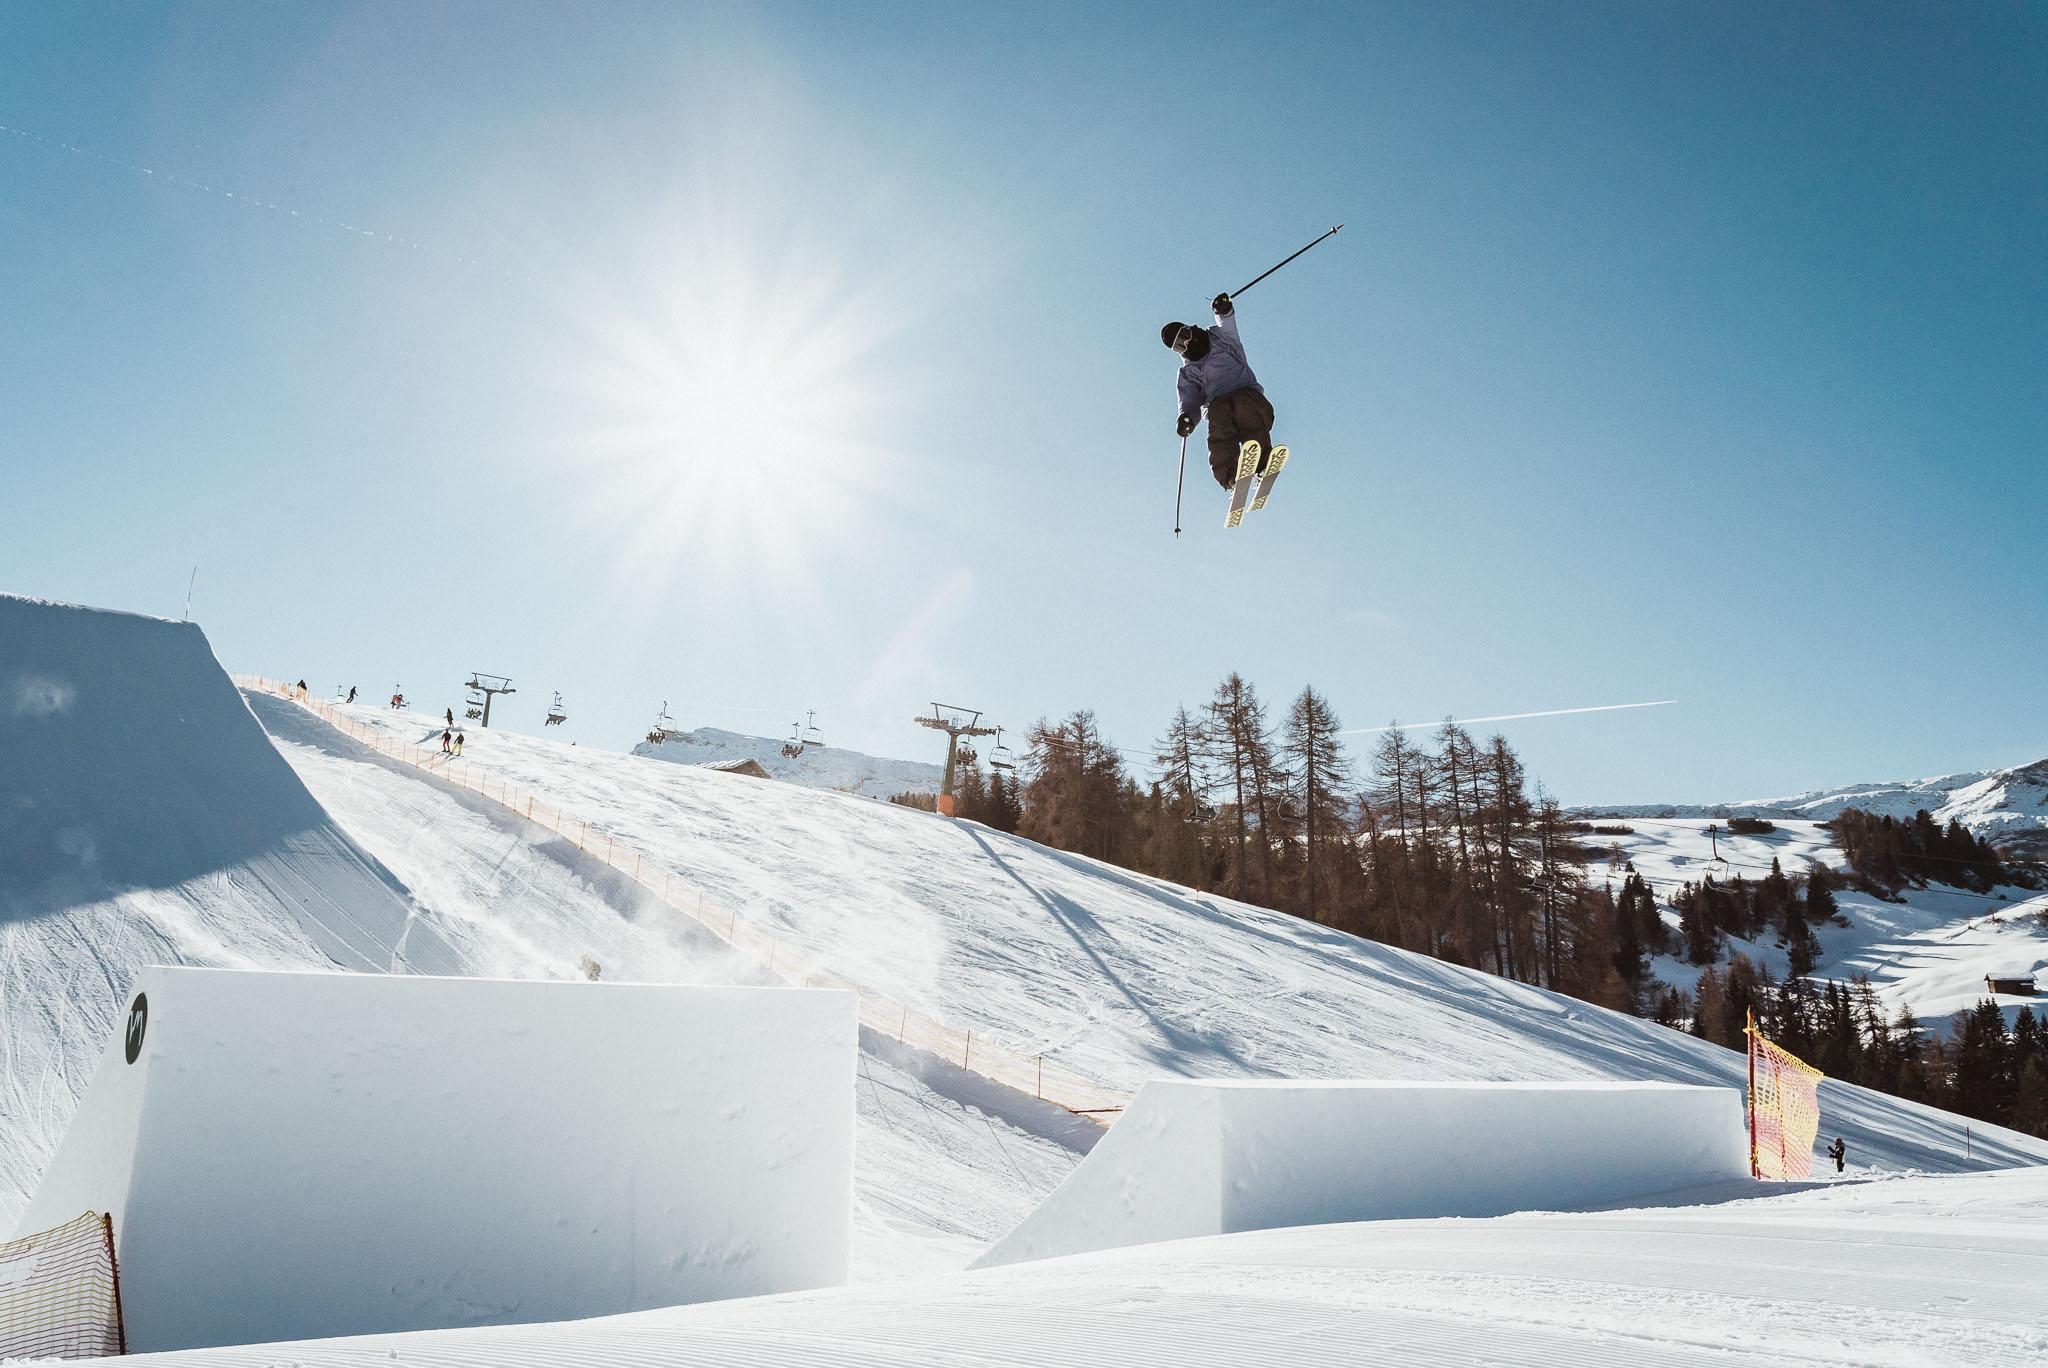 Während der Norden der Alpen im Schnee versinkt, kann man in Südtirol bestens Pro Kicker fahren - Rider: Severin Guggemoos